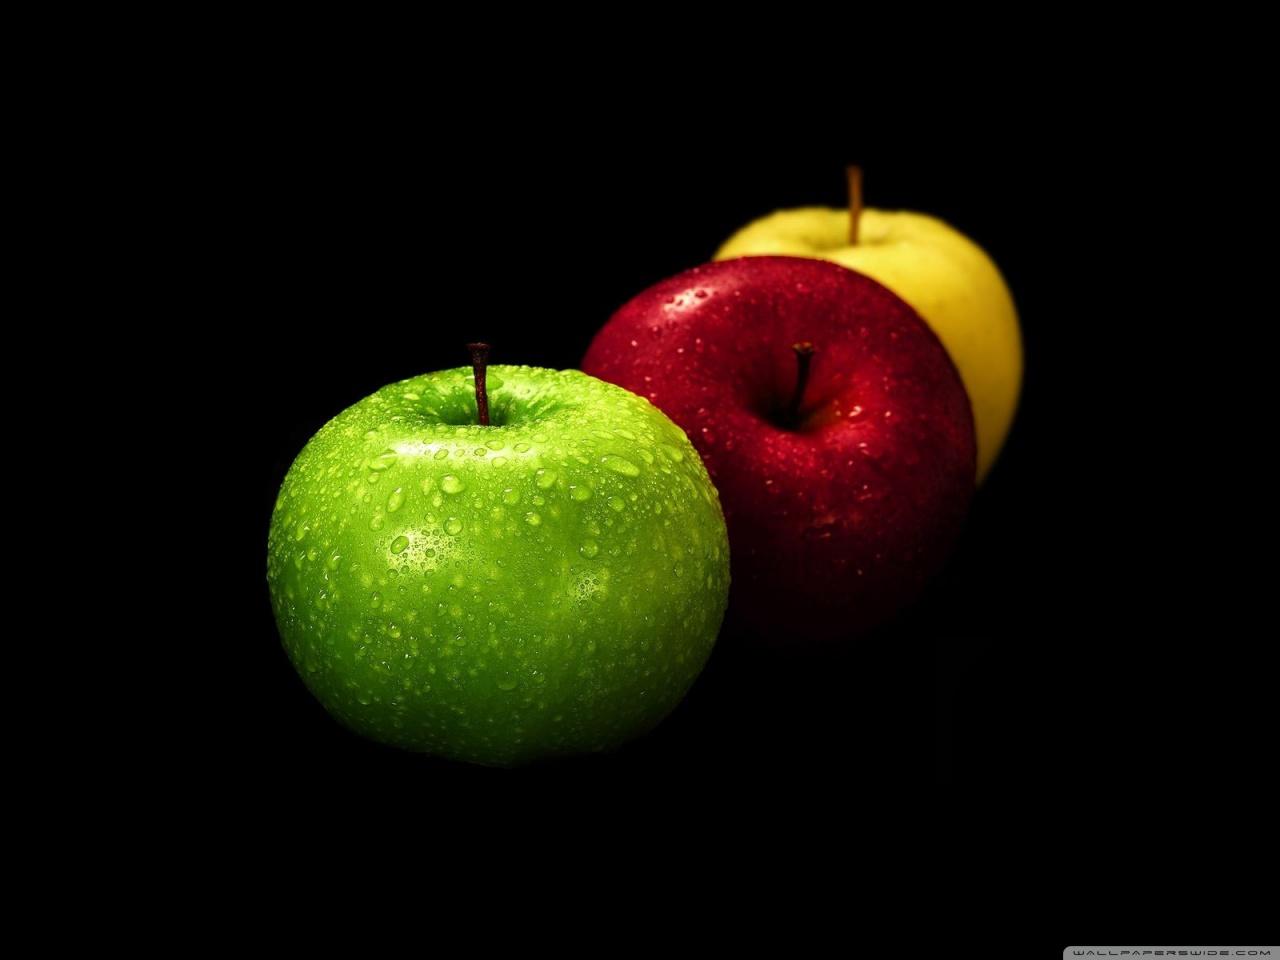 صور تفاح عالية الجودة Hd خلفيات تفاح ميكساتك